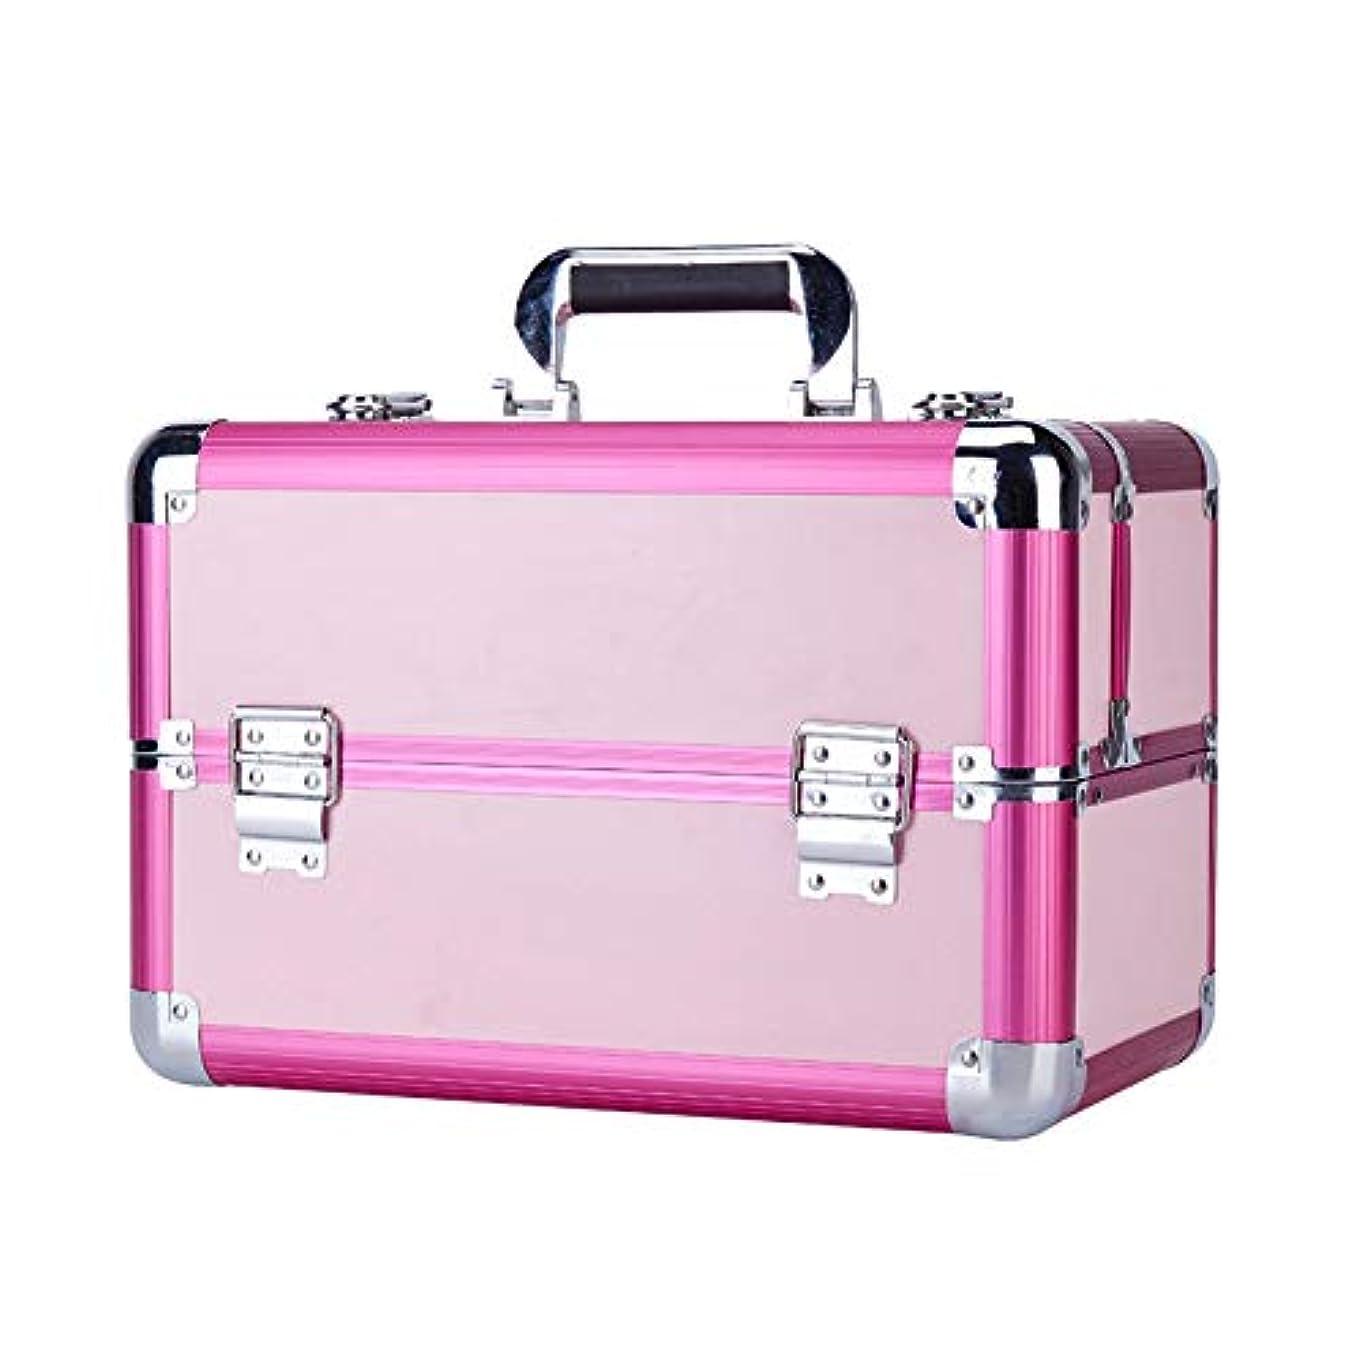 生理にはまってダイエット特大スペース収納ビューティーボックス 美の構造のためそしてジッパーおよび折る皿が付いている女の子の女性旅行そして毎日の貯蔵のための高容量の携帯用化粧品袋 化粧品化粧台 (色 : ピンク)